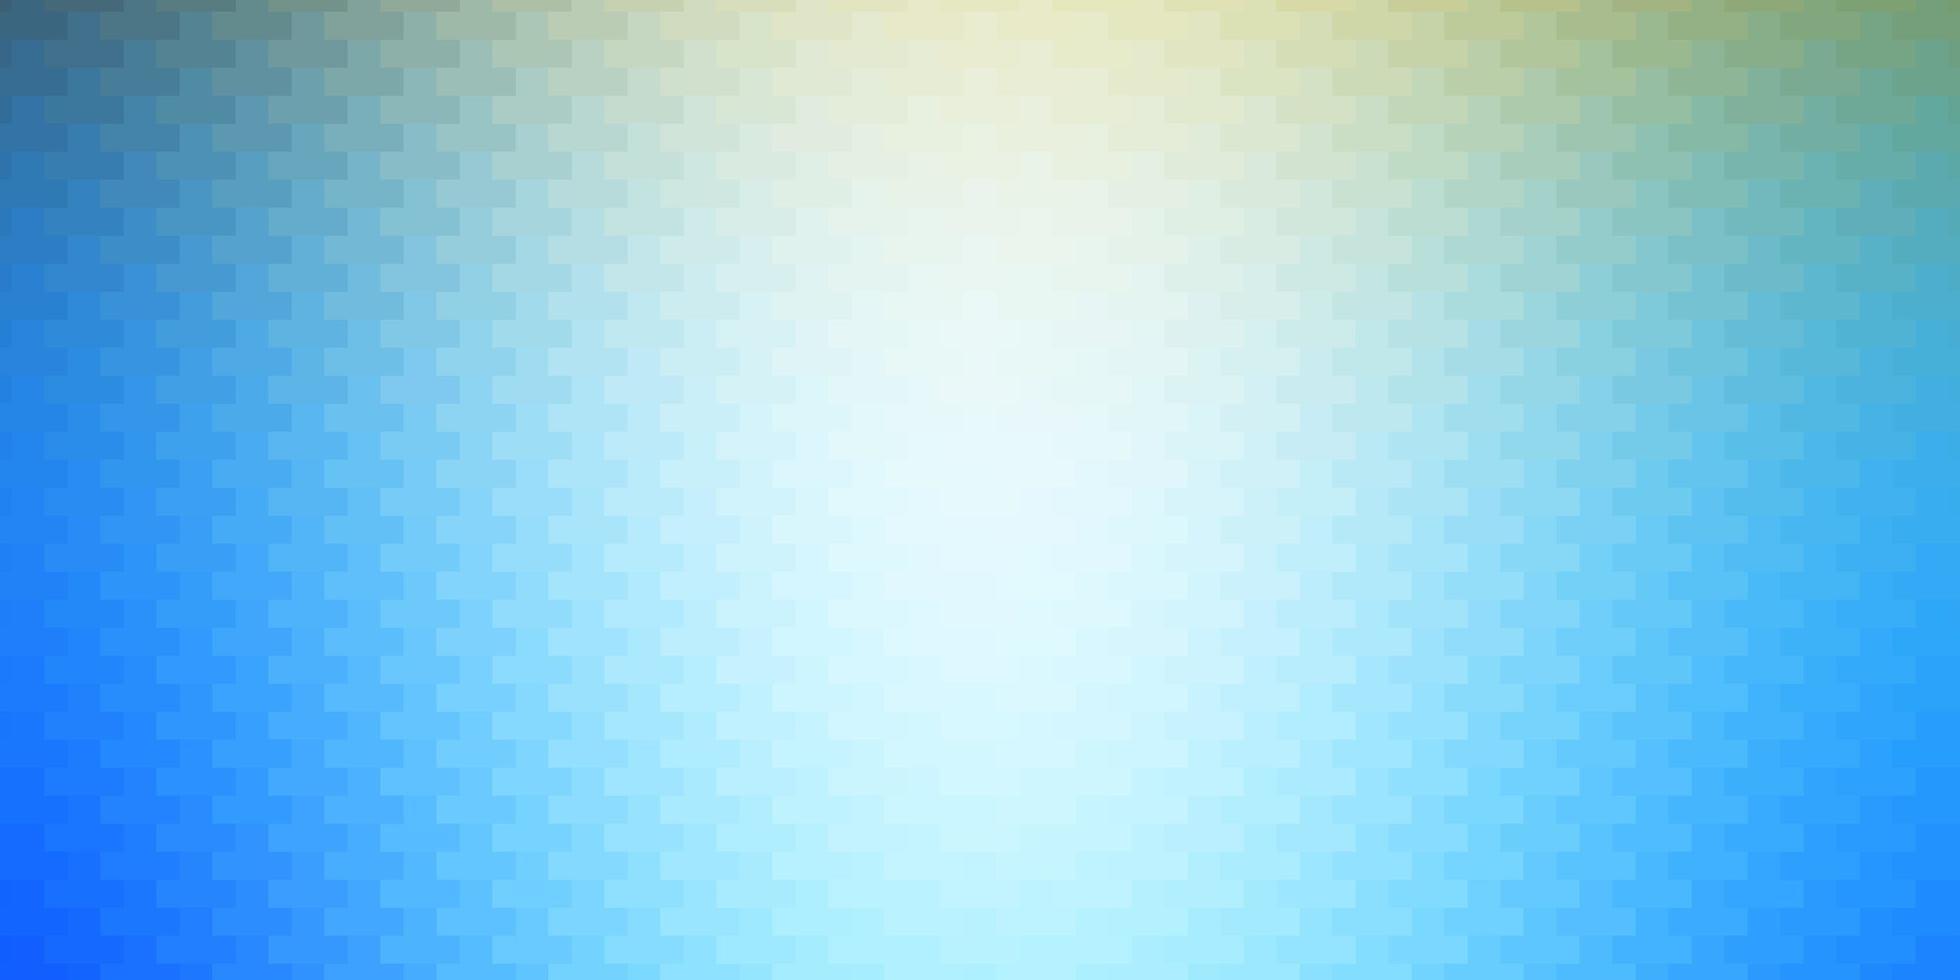 fond bleu clair et jaune avec des rectangles. vecteur